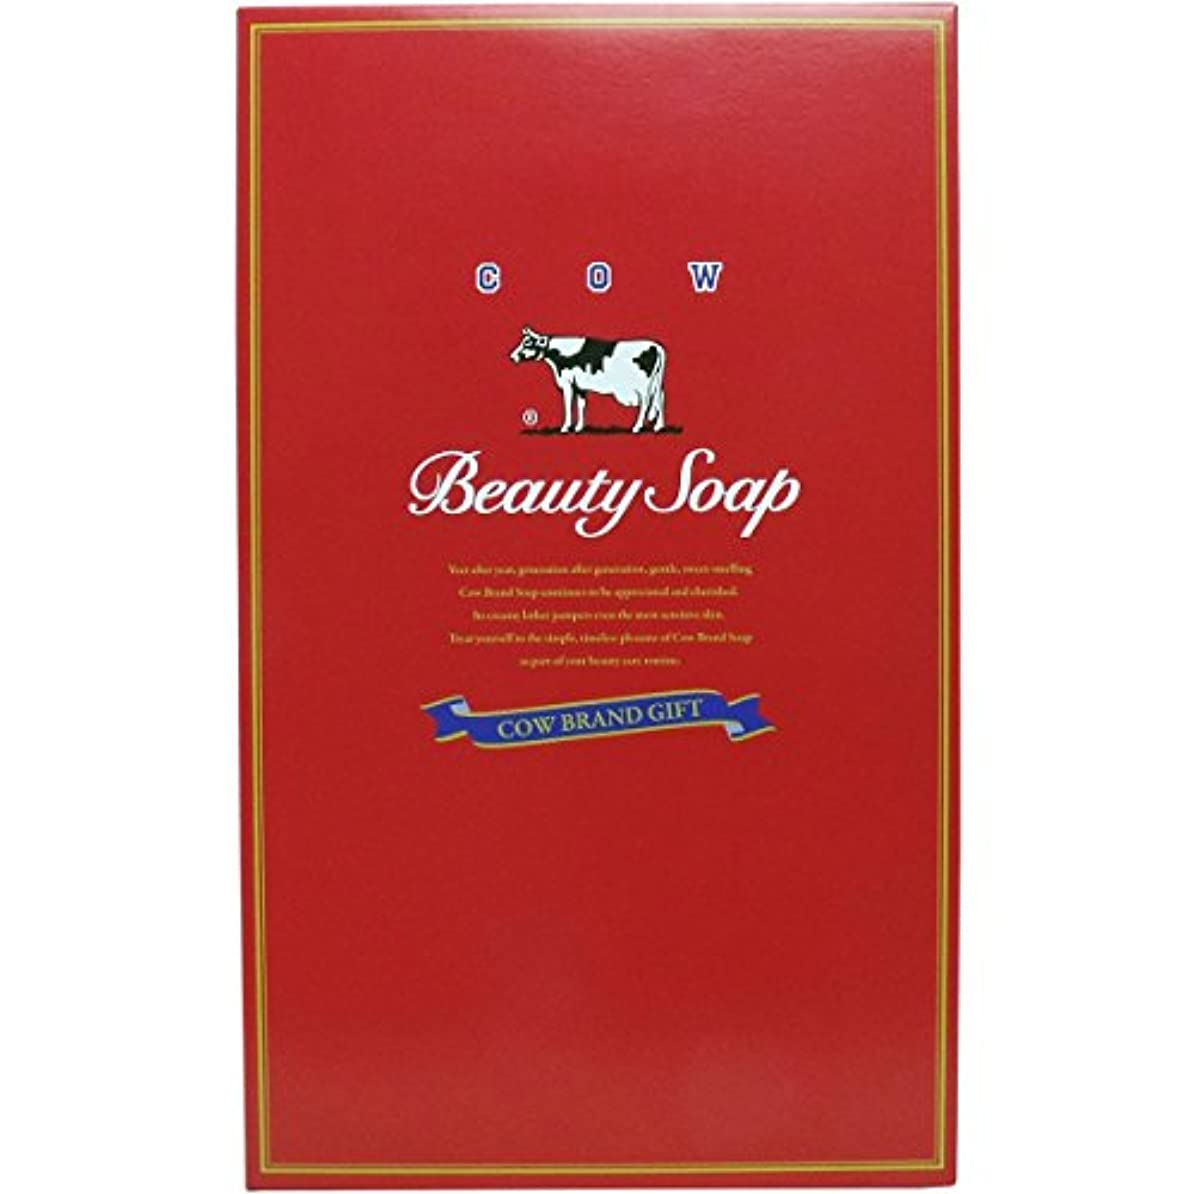 調停者処方フィールド牛乳石鹸共進社 カウブランド石鹸 赤箱 100g×10個×16箱